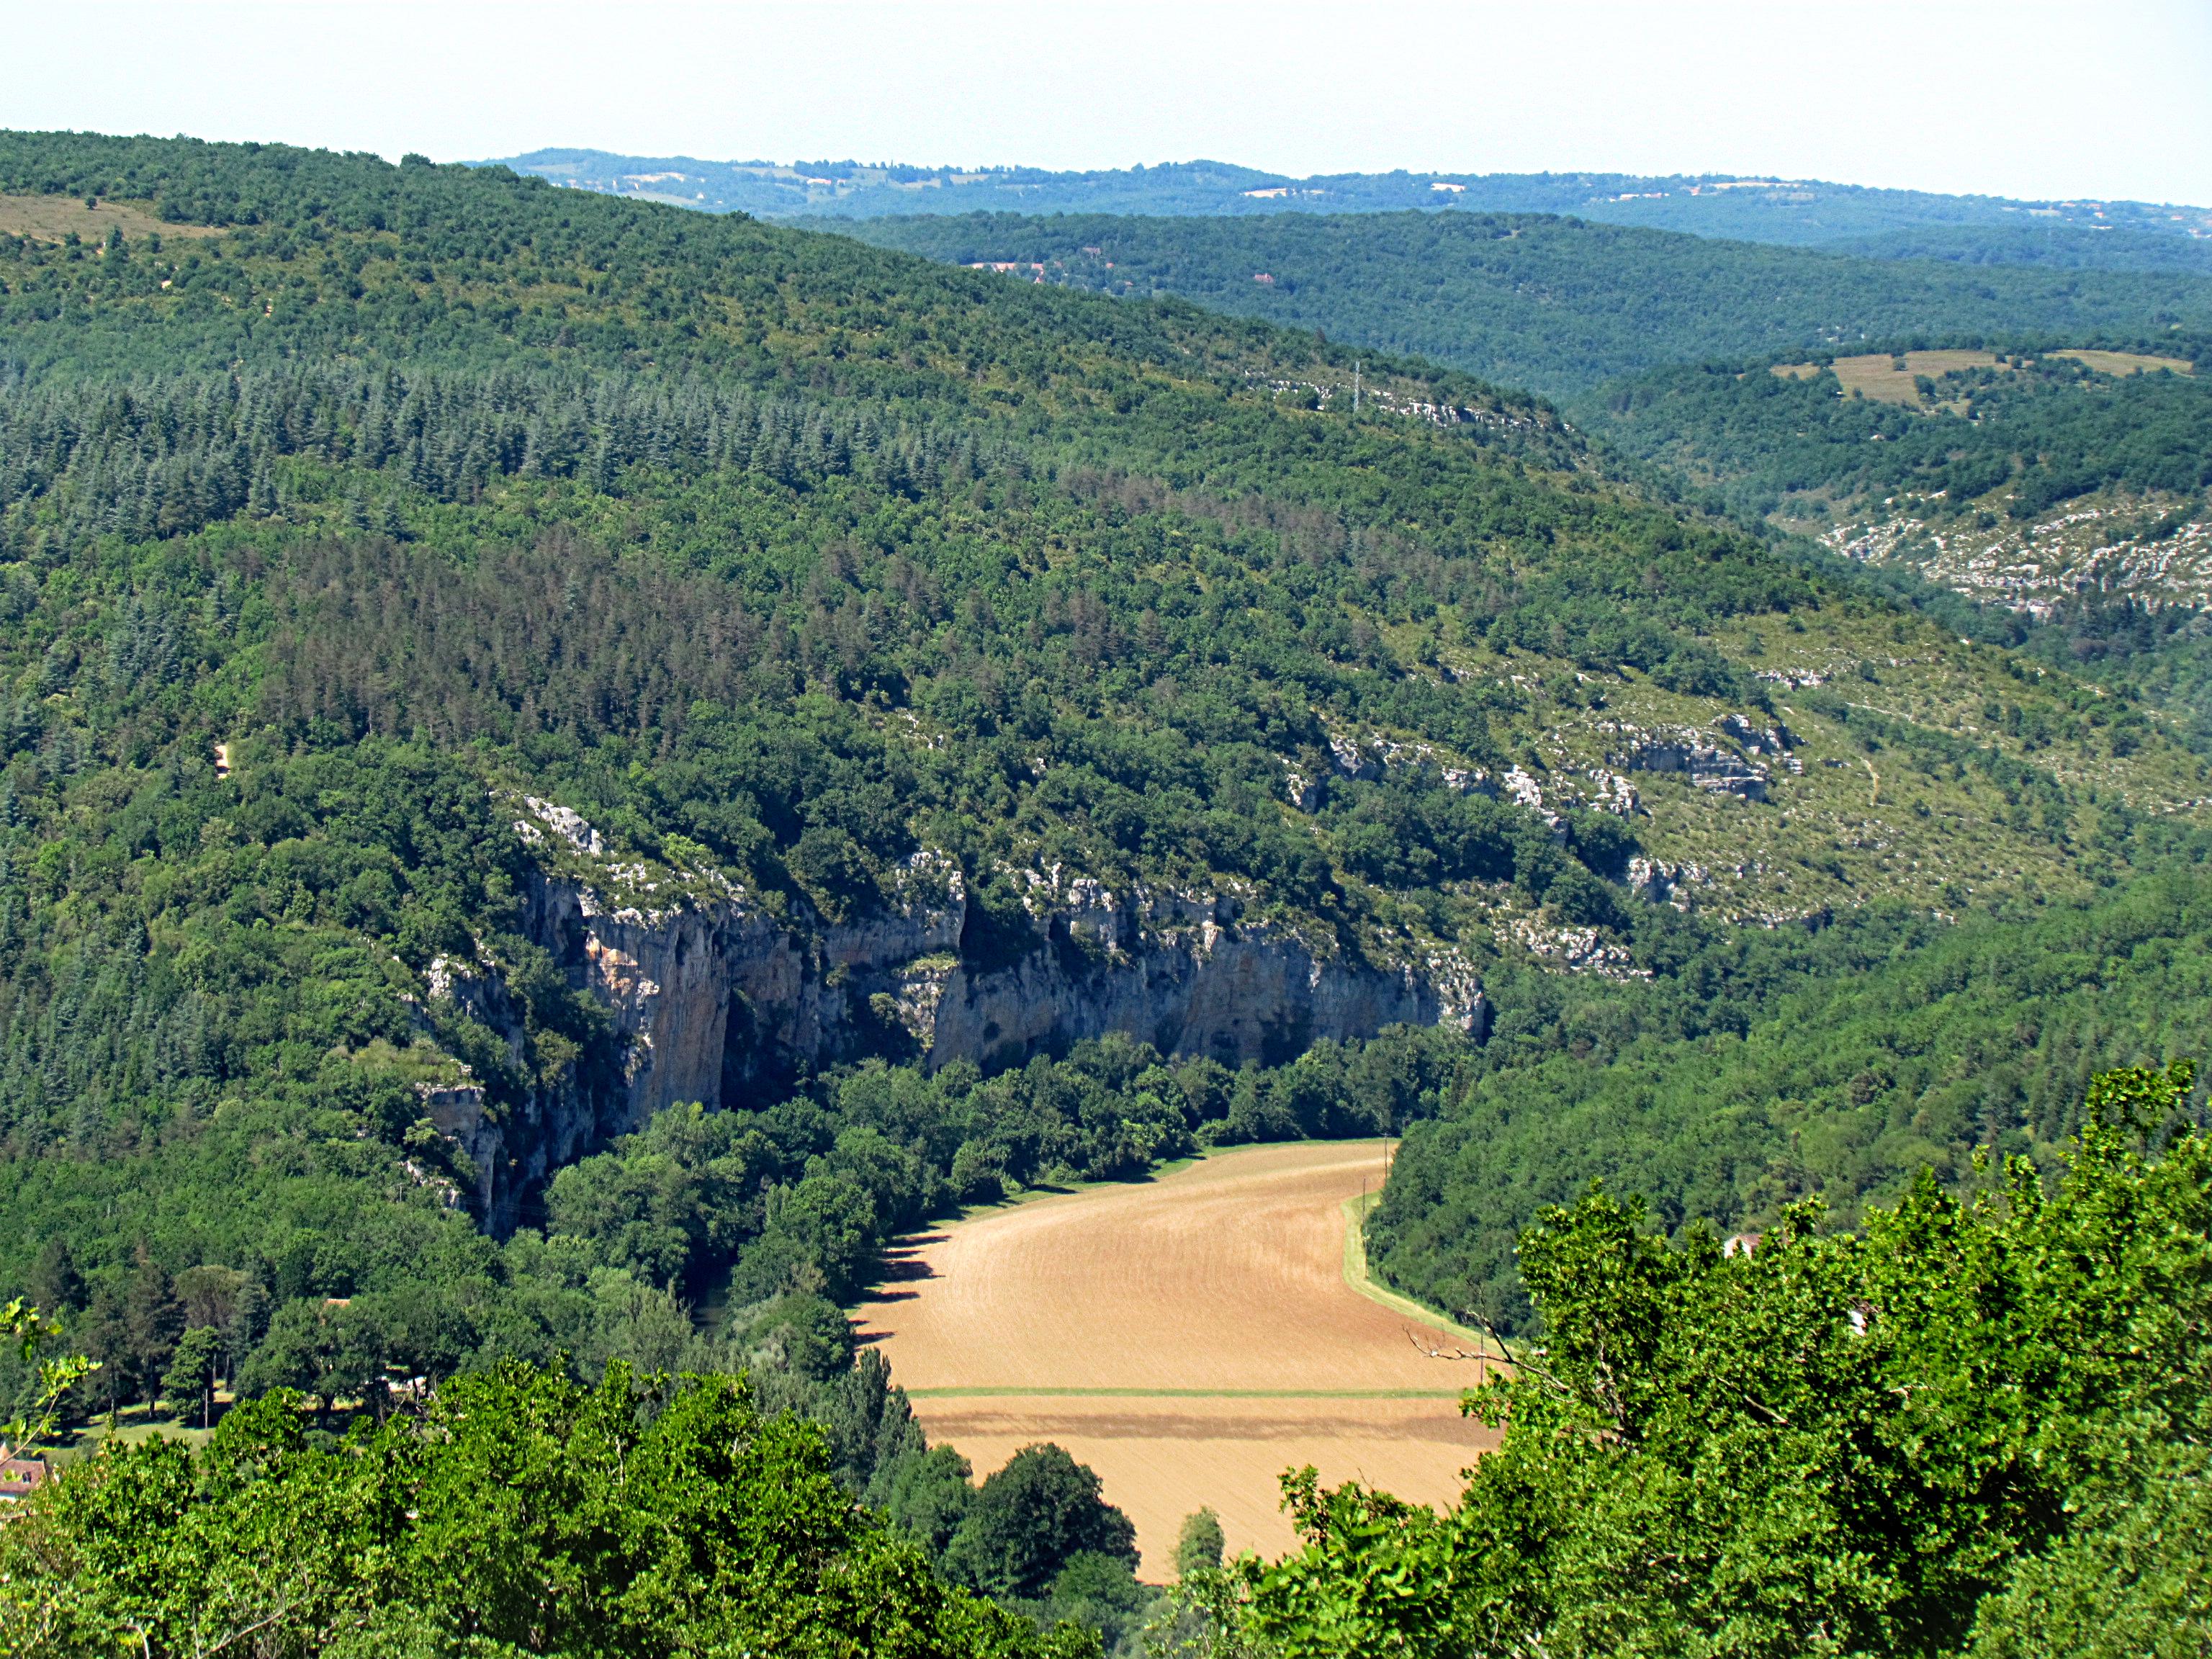 parc naturel regional des causses du quercy